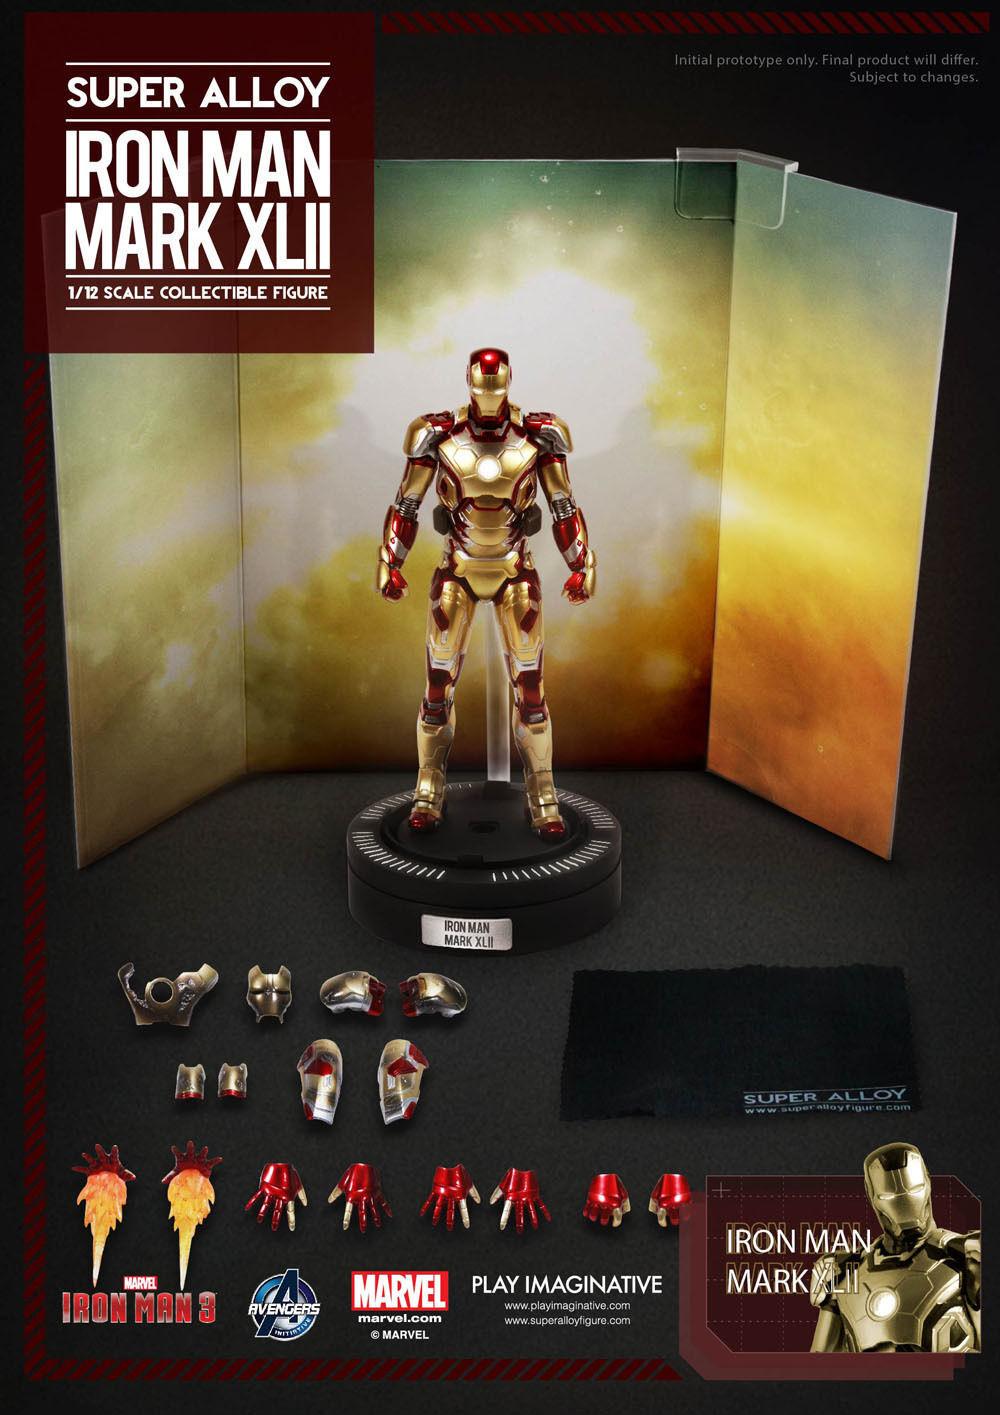 Mark 42 XLII 1 12 Iron Man Jugar Imaginative súper Alloy Diecast Figura de acción